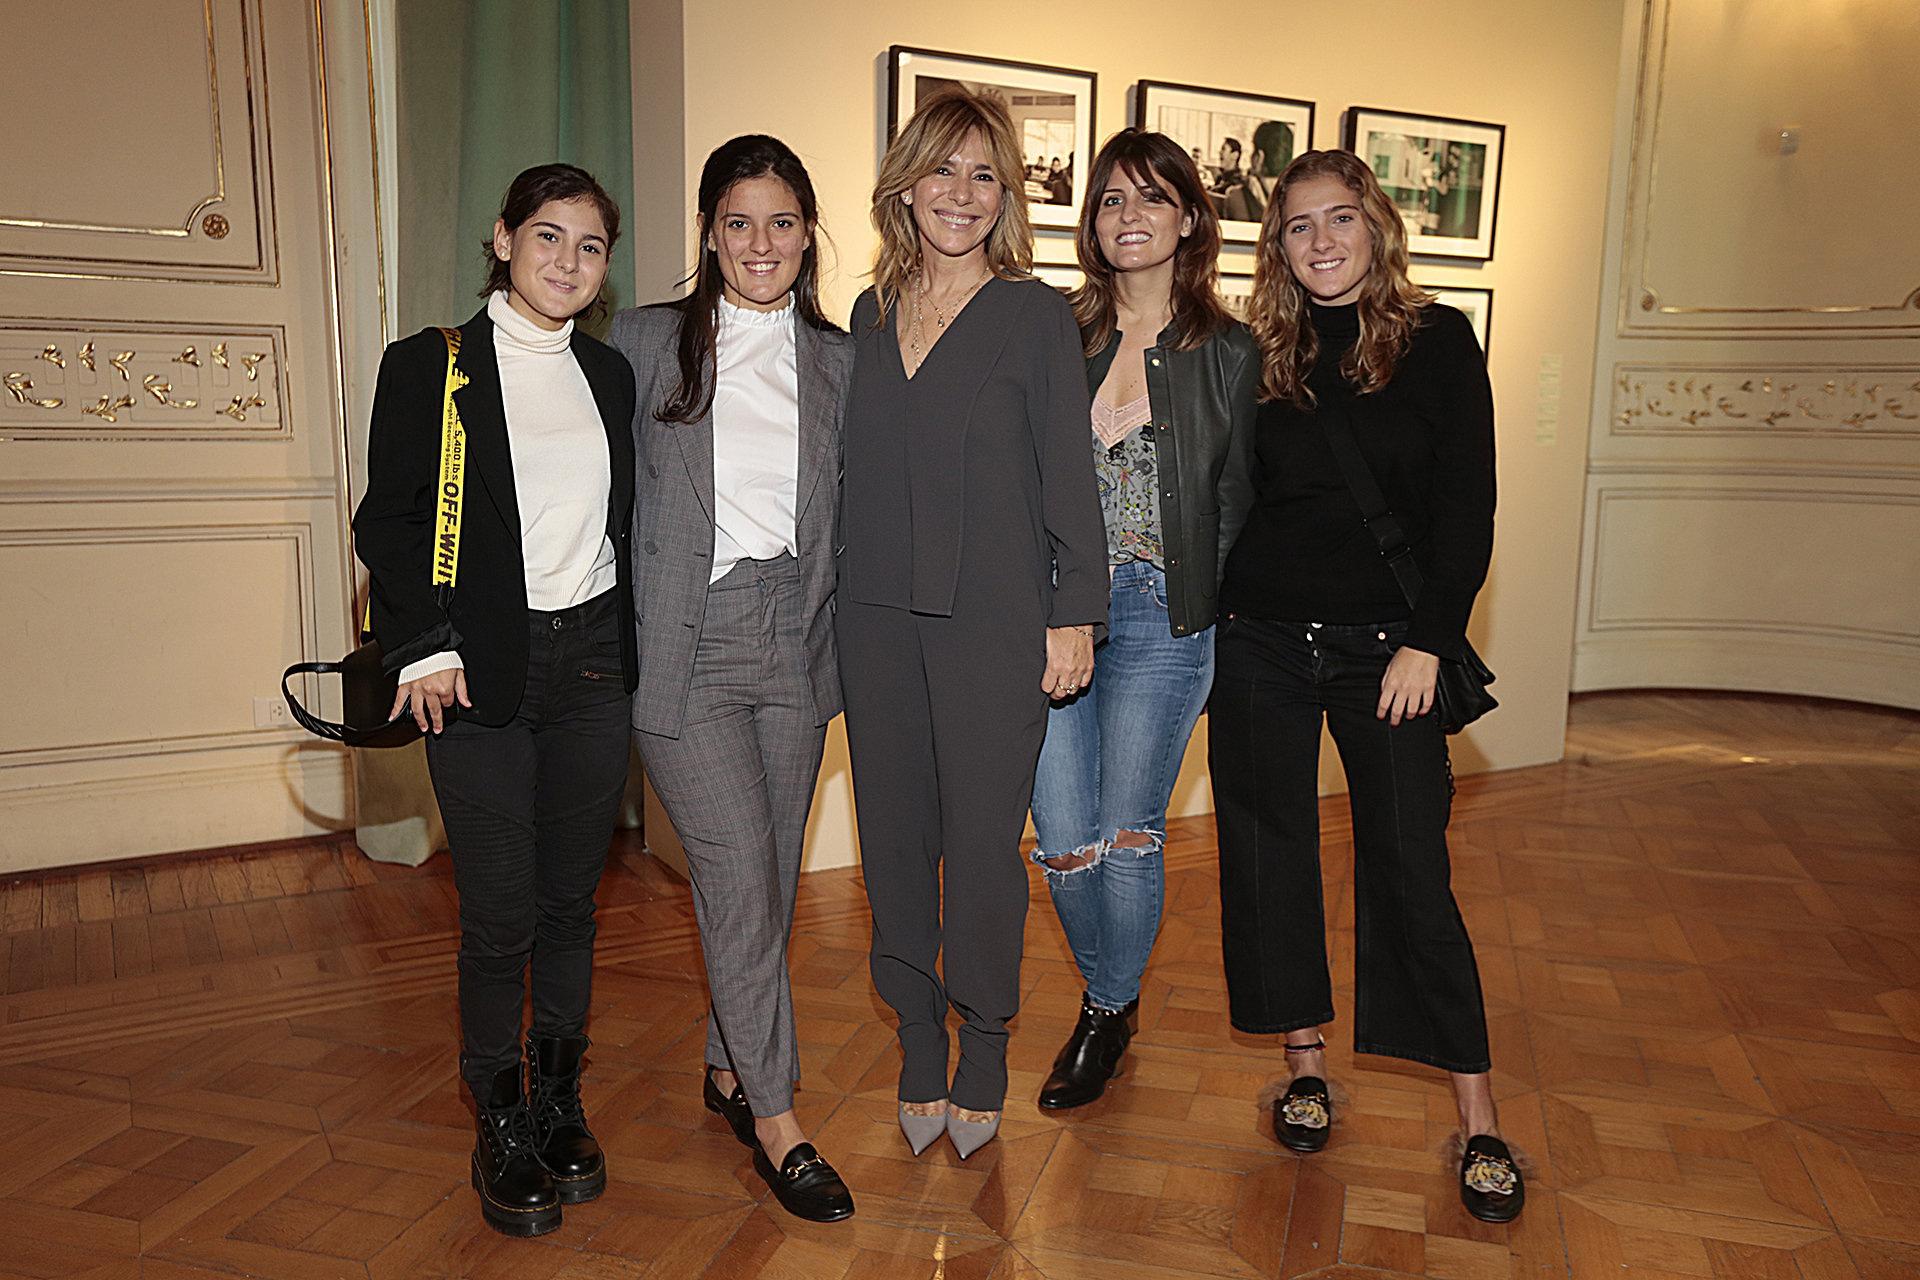 Grace Ratto y sus hijas, de izquierda a derecha, Emilia, Luz, Virginia y Pilar Gorosito